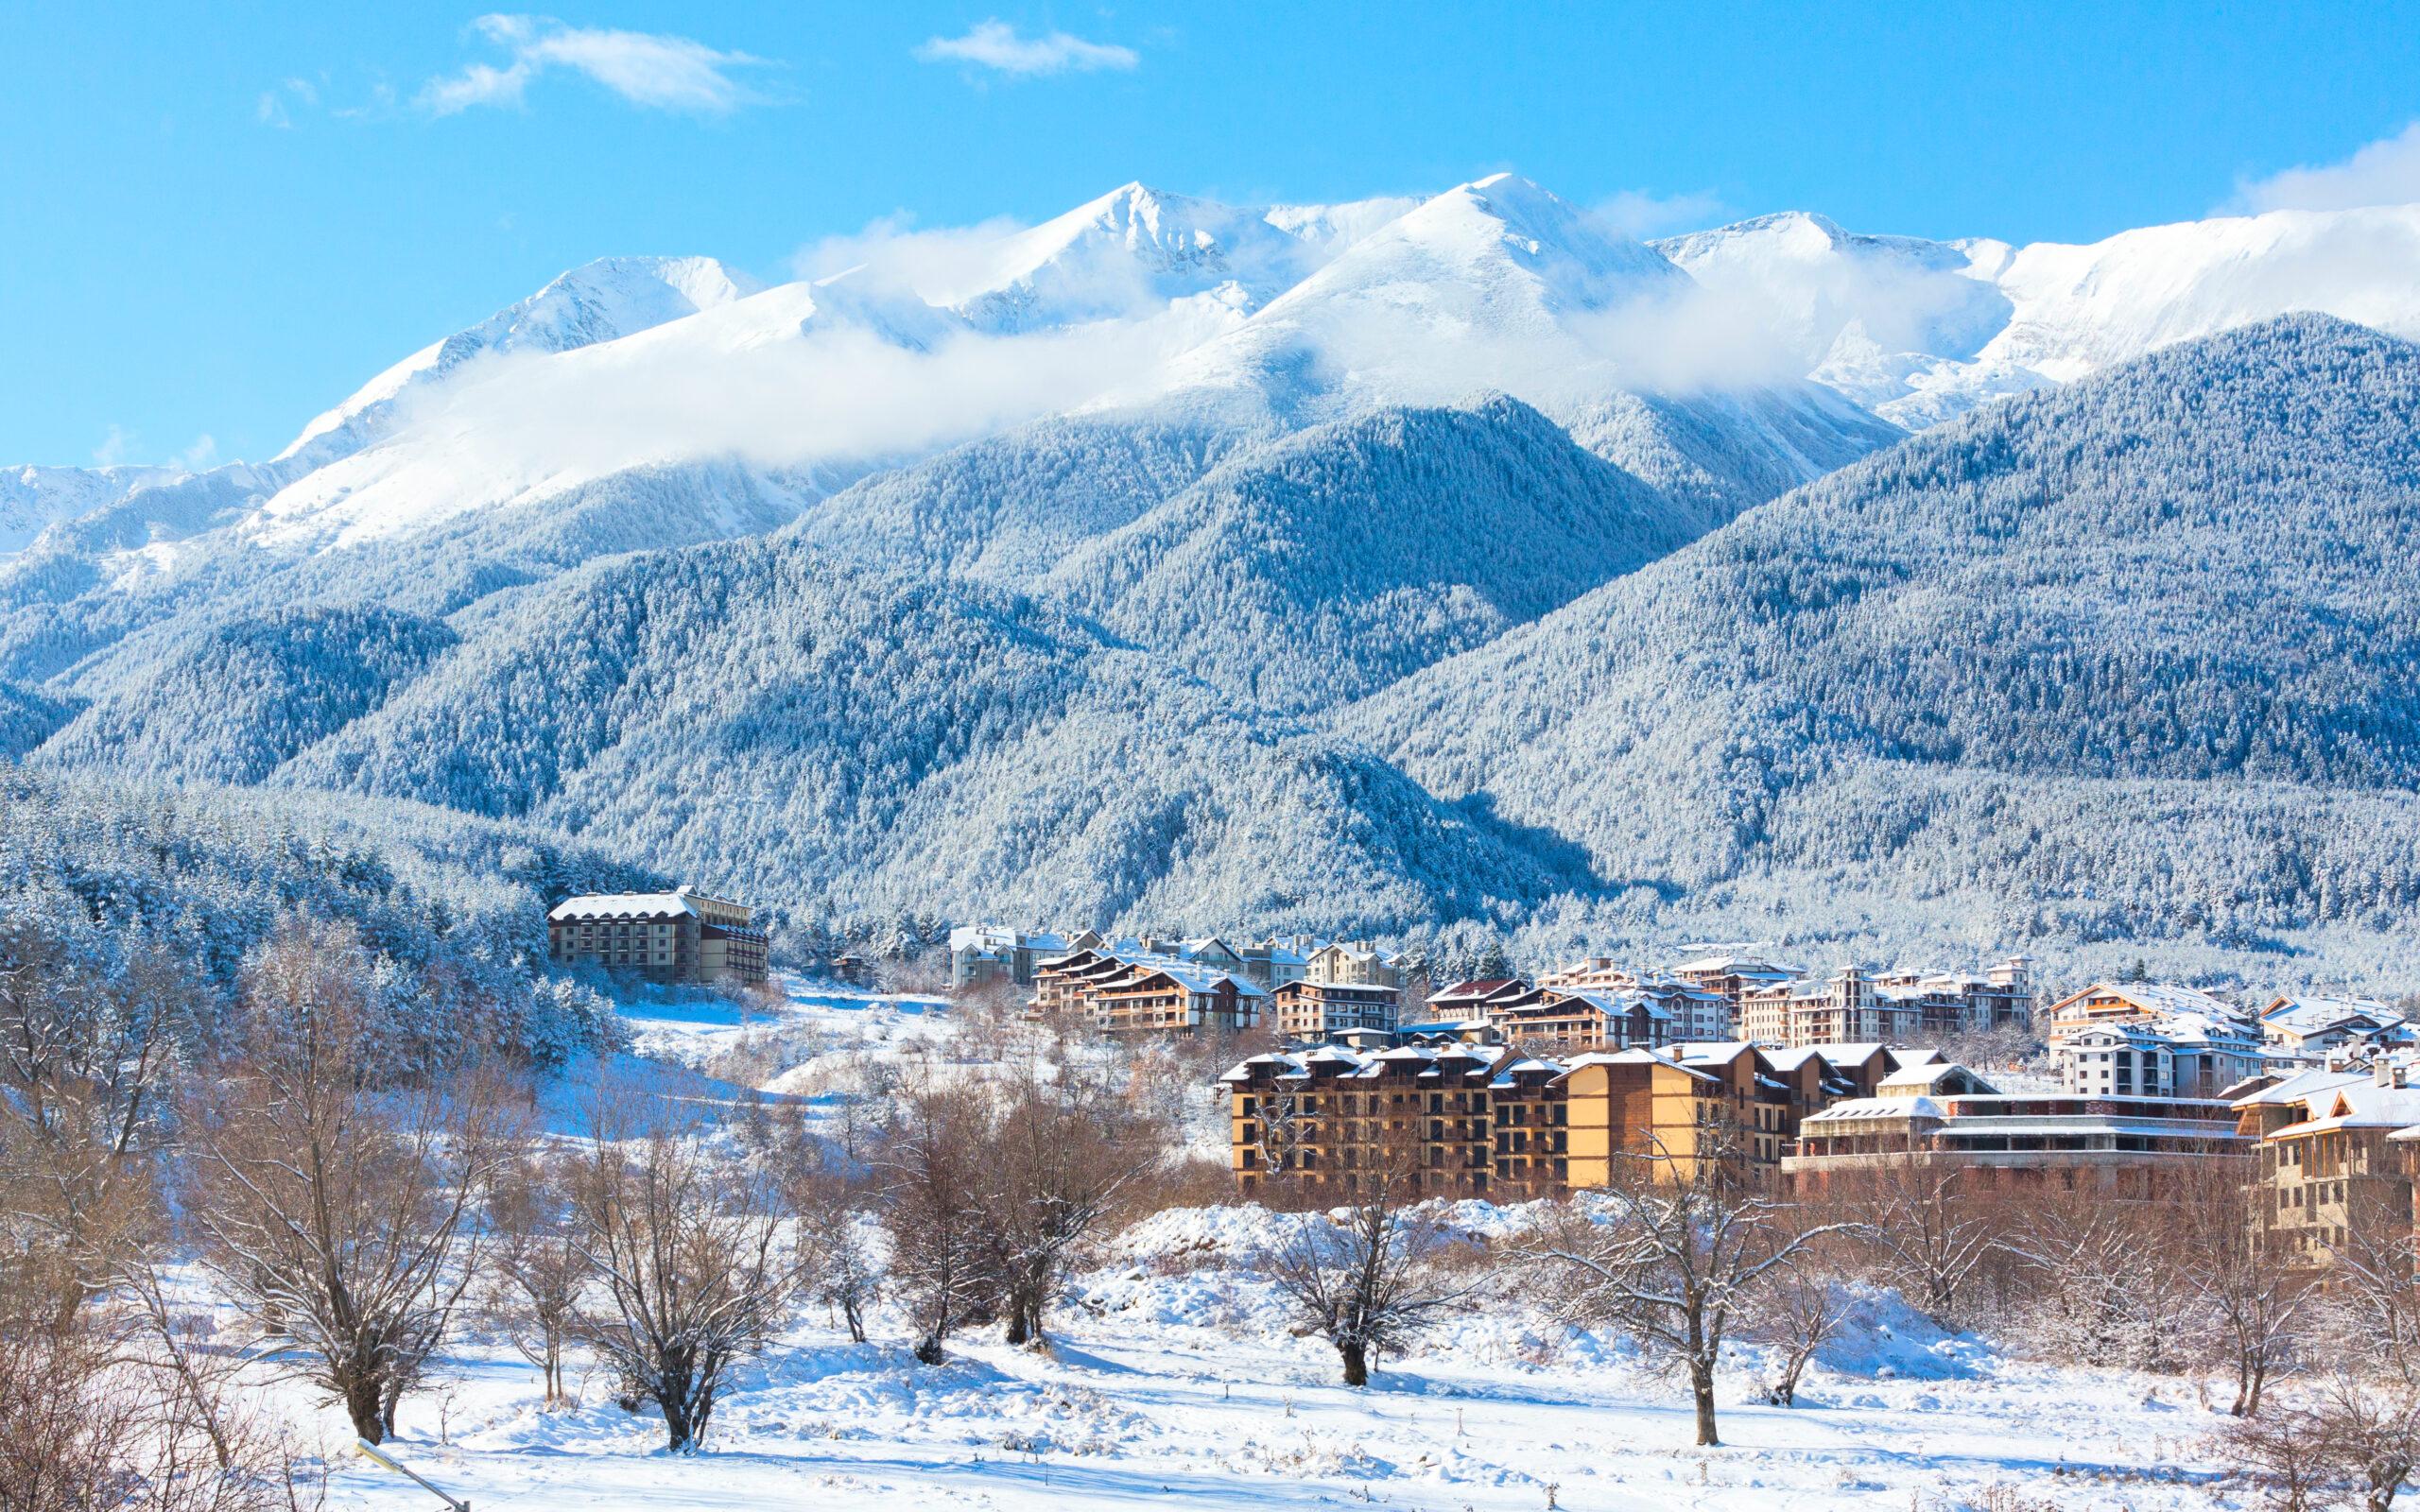 Цени и условия в най-предпочитаните зимни курорти в България